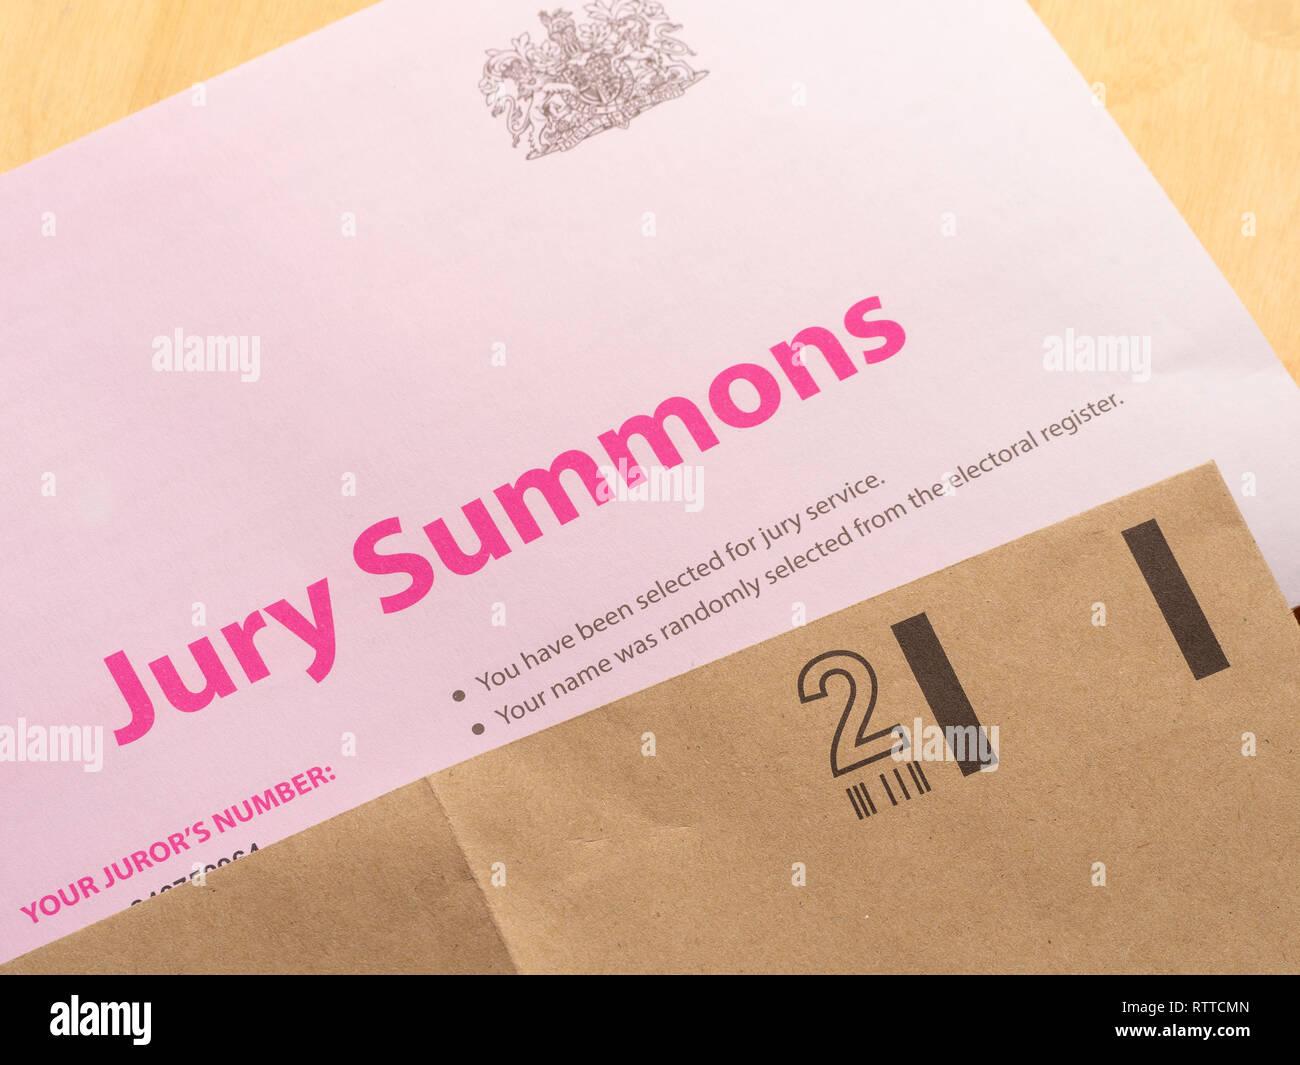 Jury Stock Photos & Jury Stock Images - Alamy